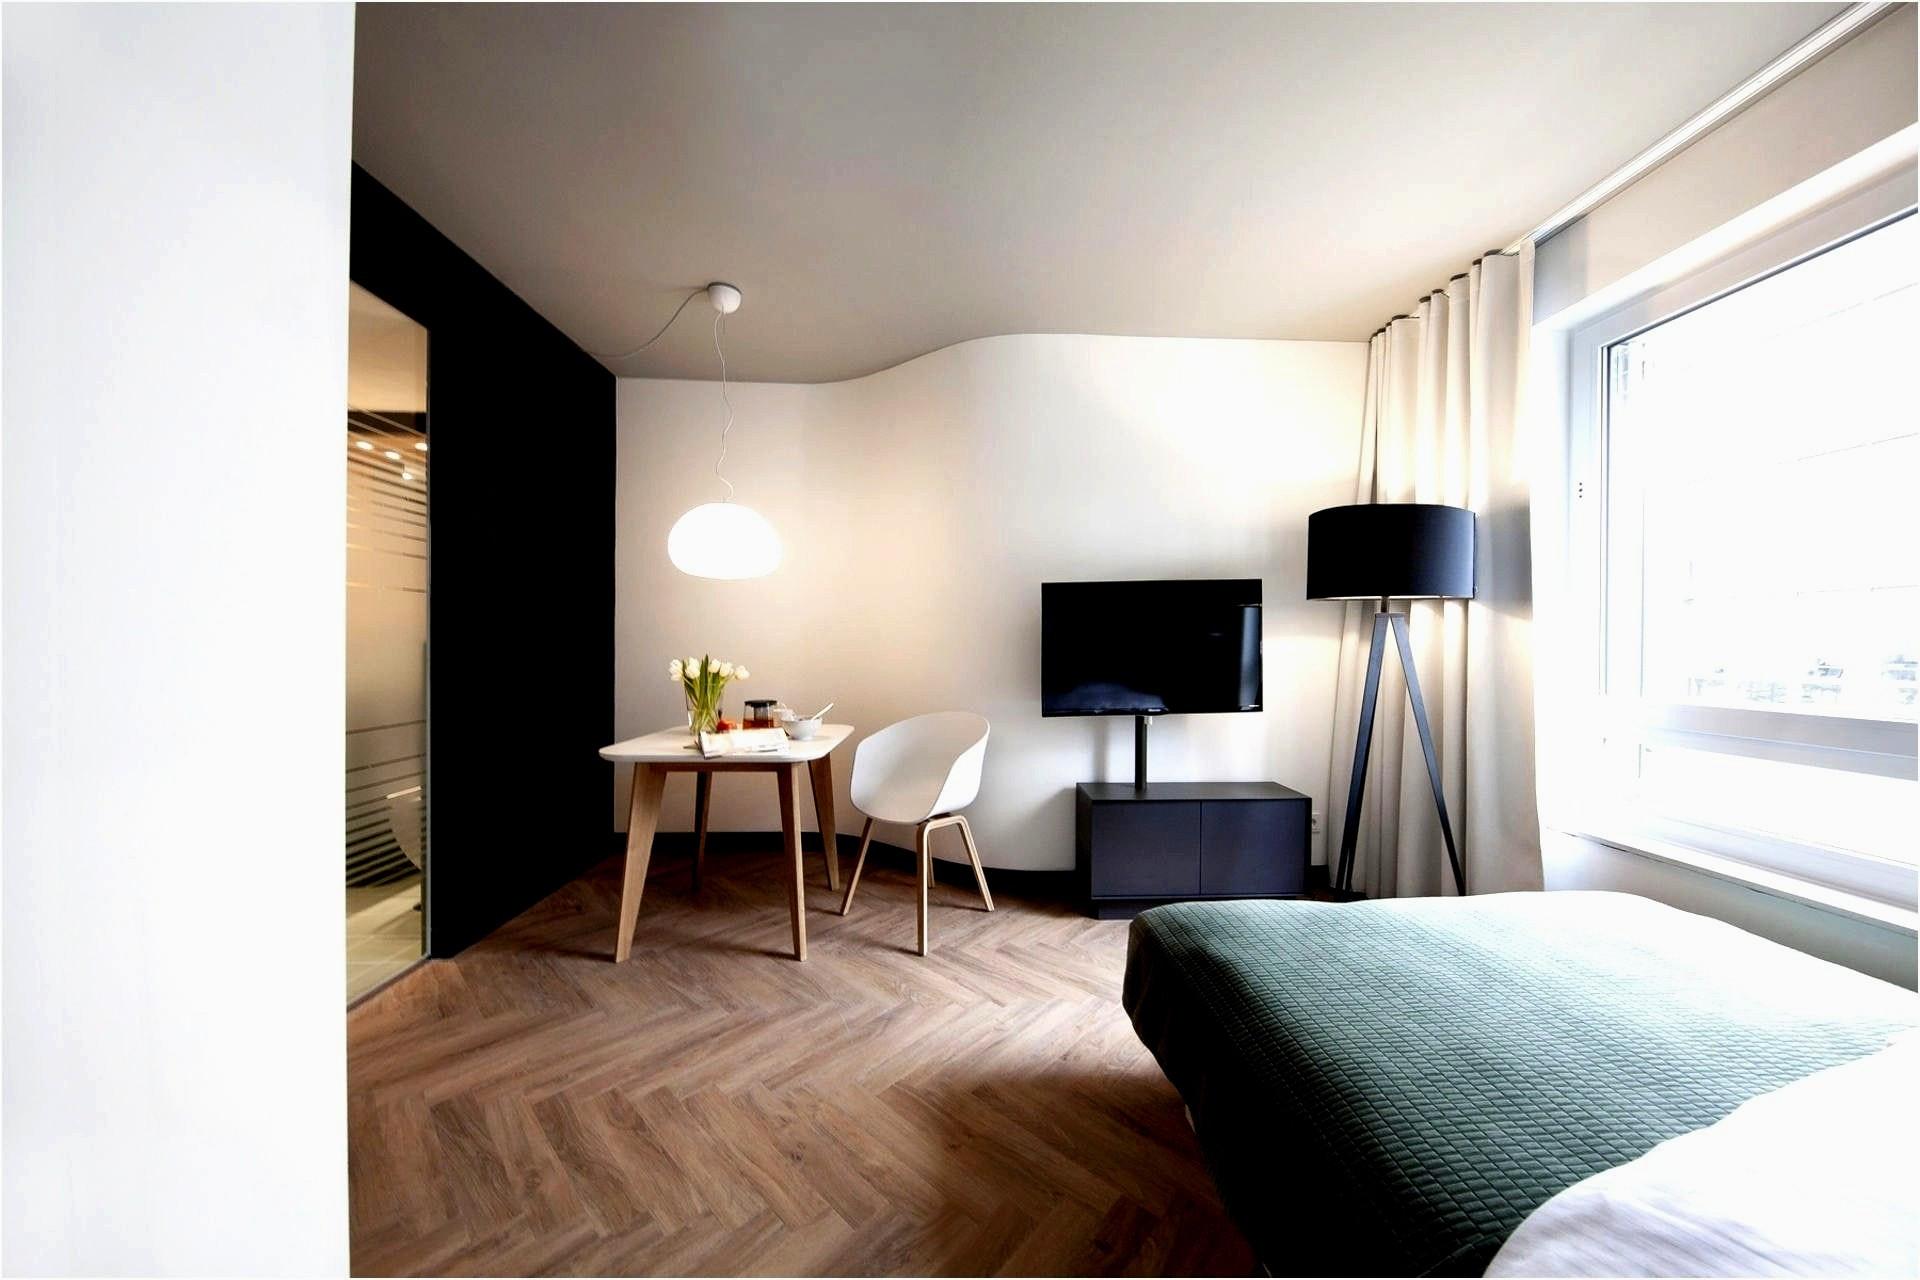 Provisionsfreie Wohnungen Berlin  Hausdesign Provisionsfreie Wohnungen Zur Miete Ulm Mieten